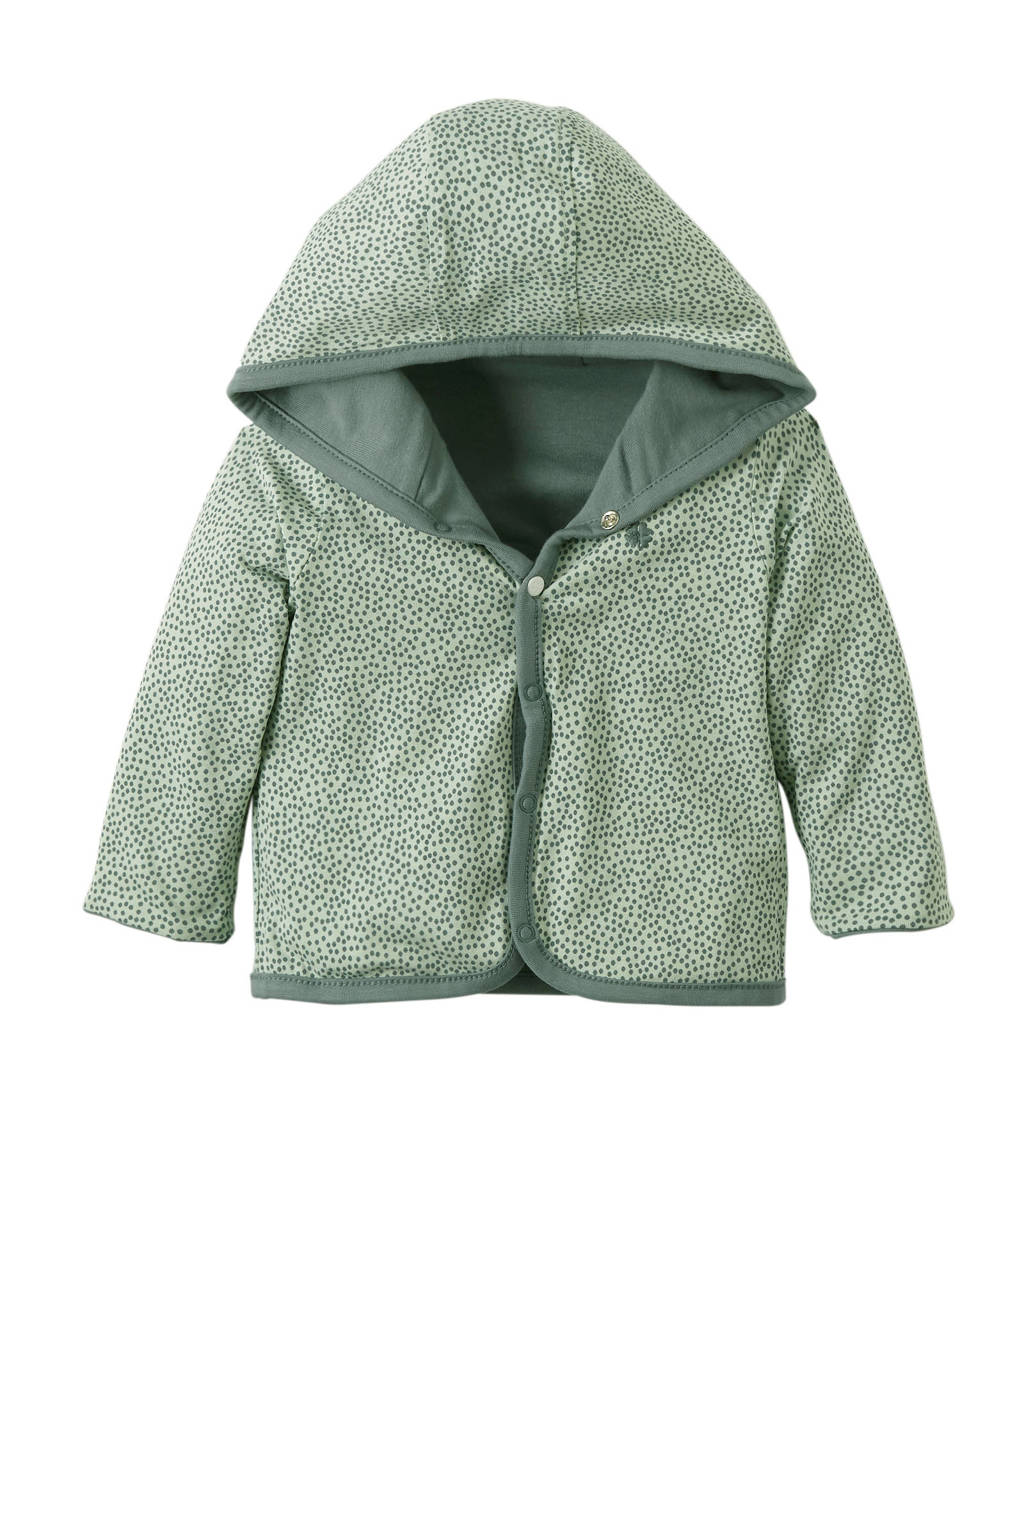 Noppies newborn baby vest Haye, Mintgroen